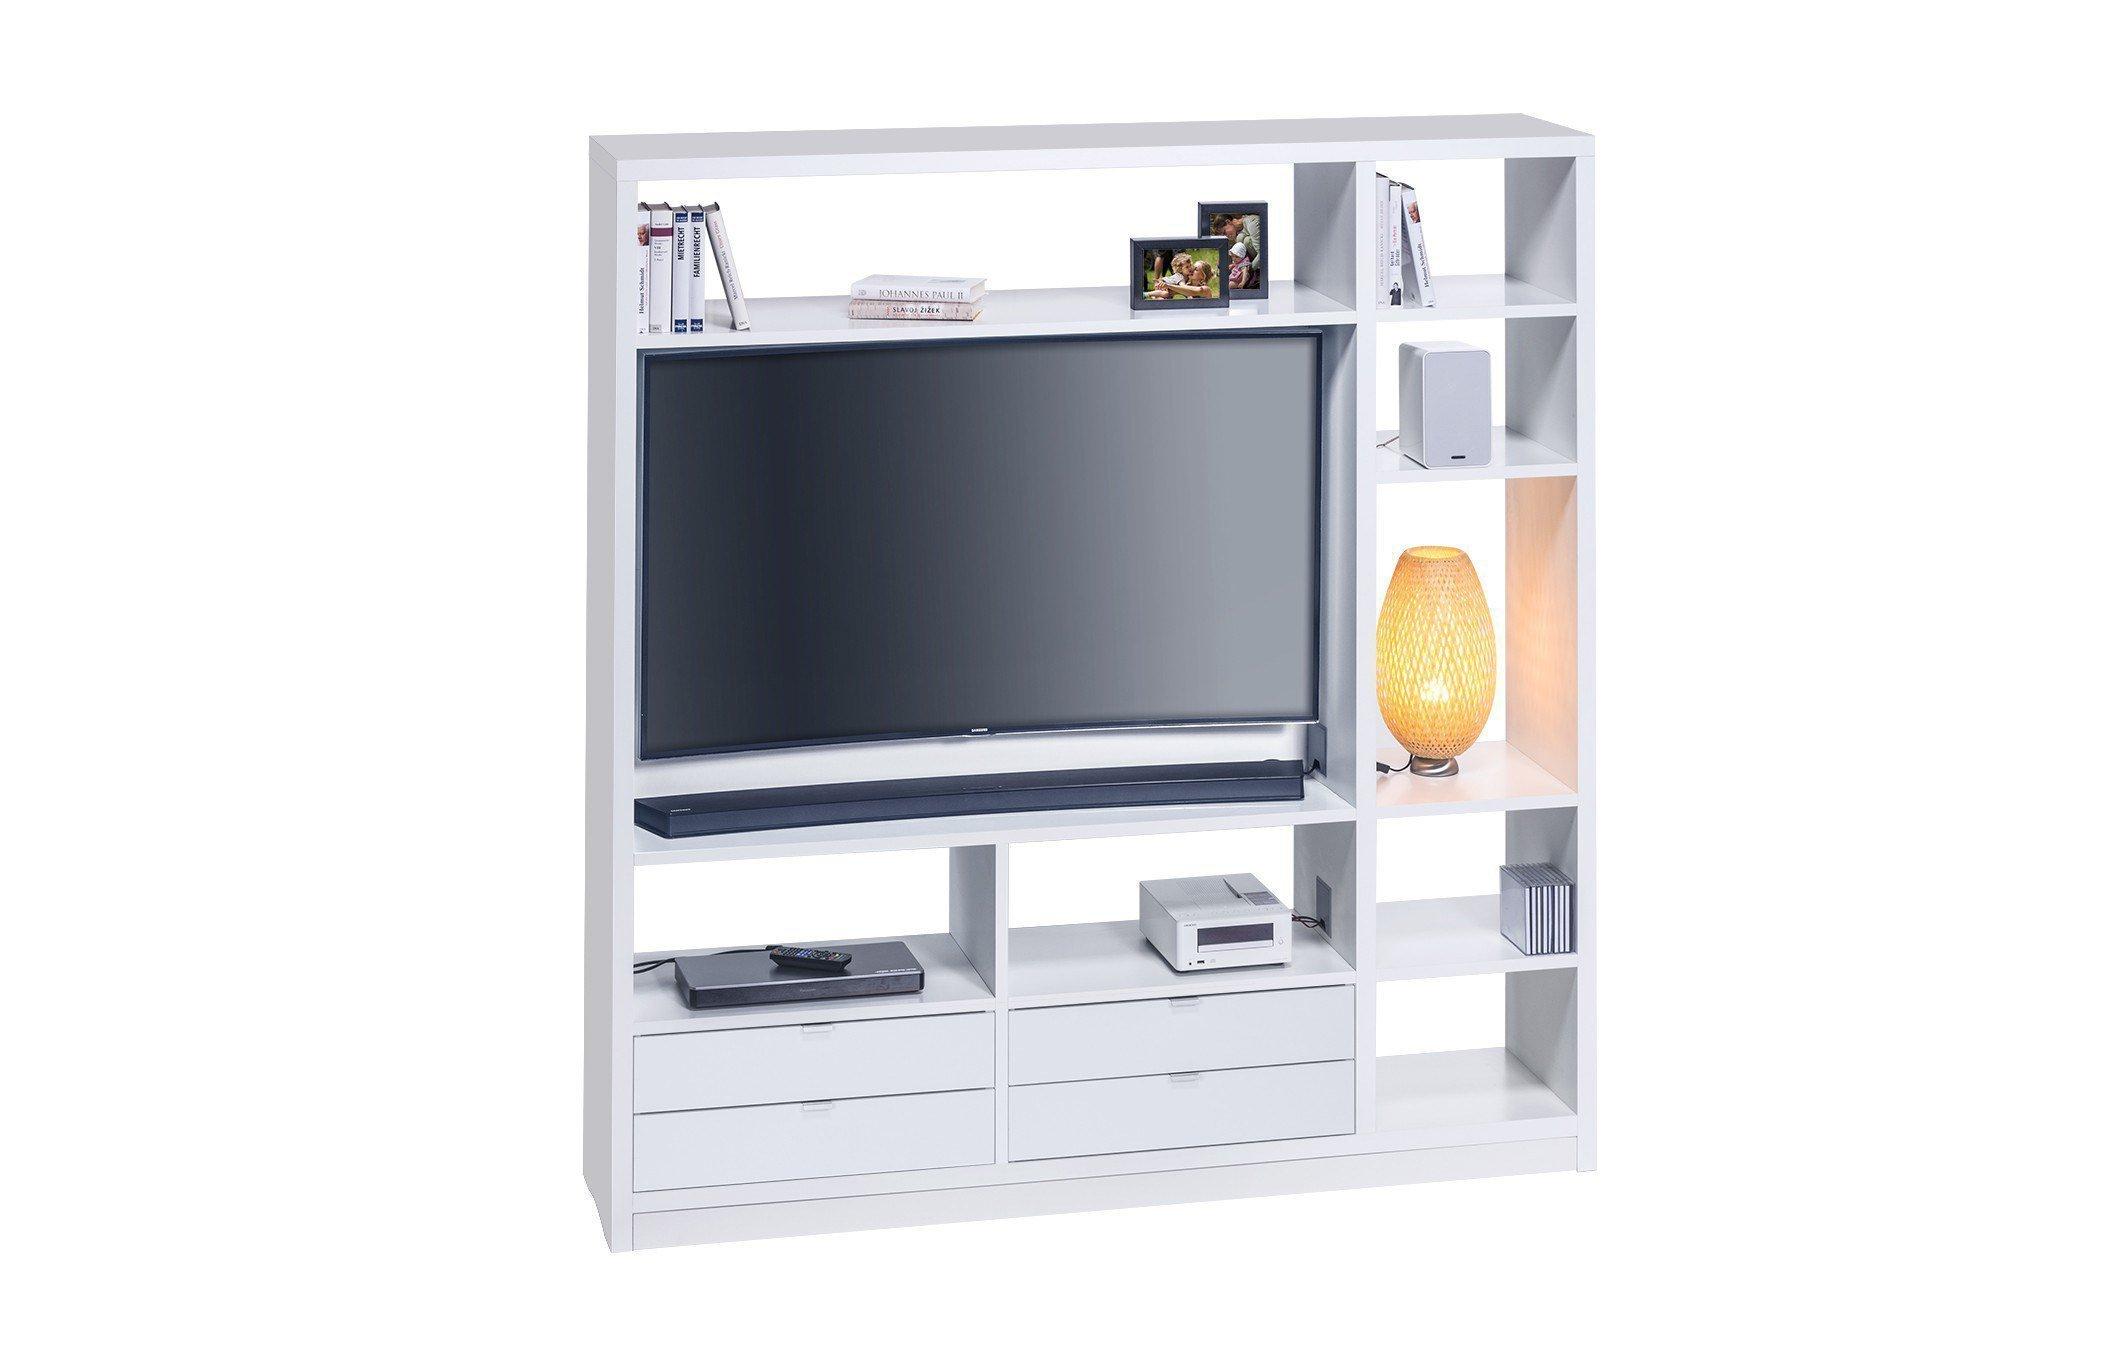 maja m bel raumteiler cableboard wei e oberfl che m bel letz ihr online shop. Black Bedroom Furniture Sets. Home Design Ideas